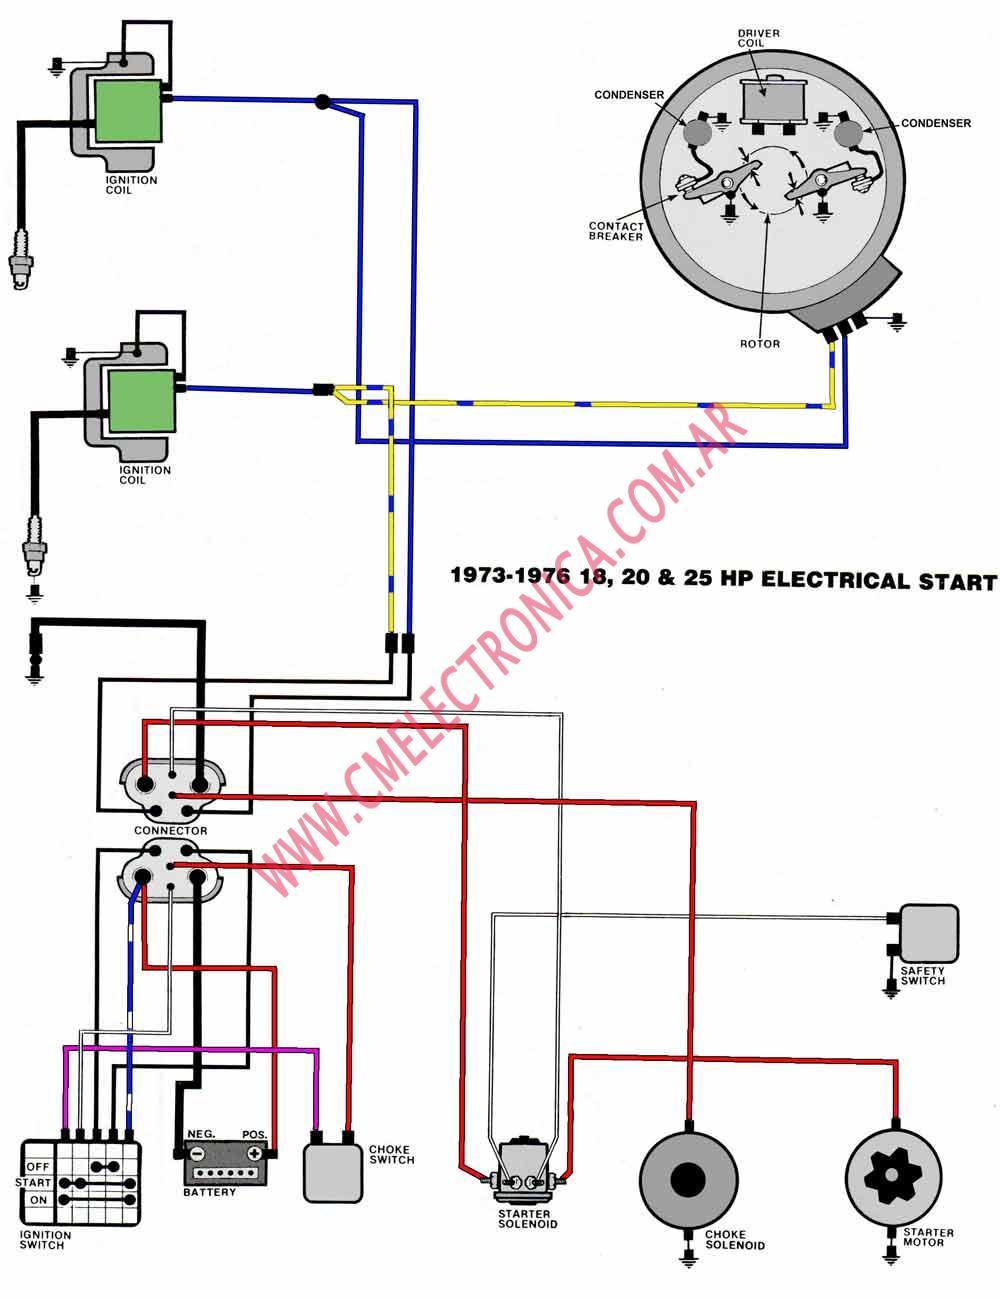 john deere m665 wiring diagram am38227 wiring